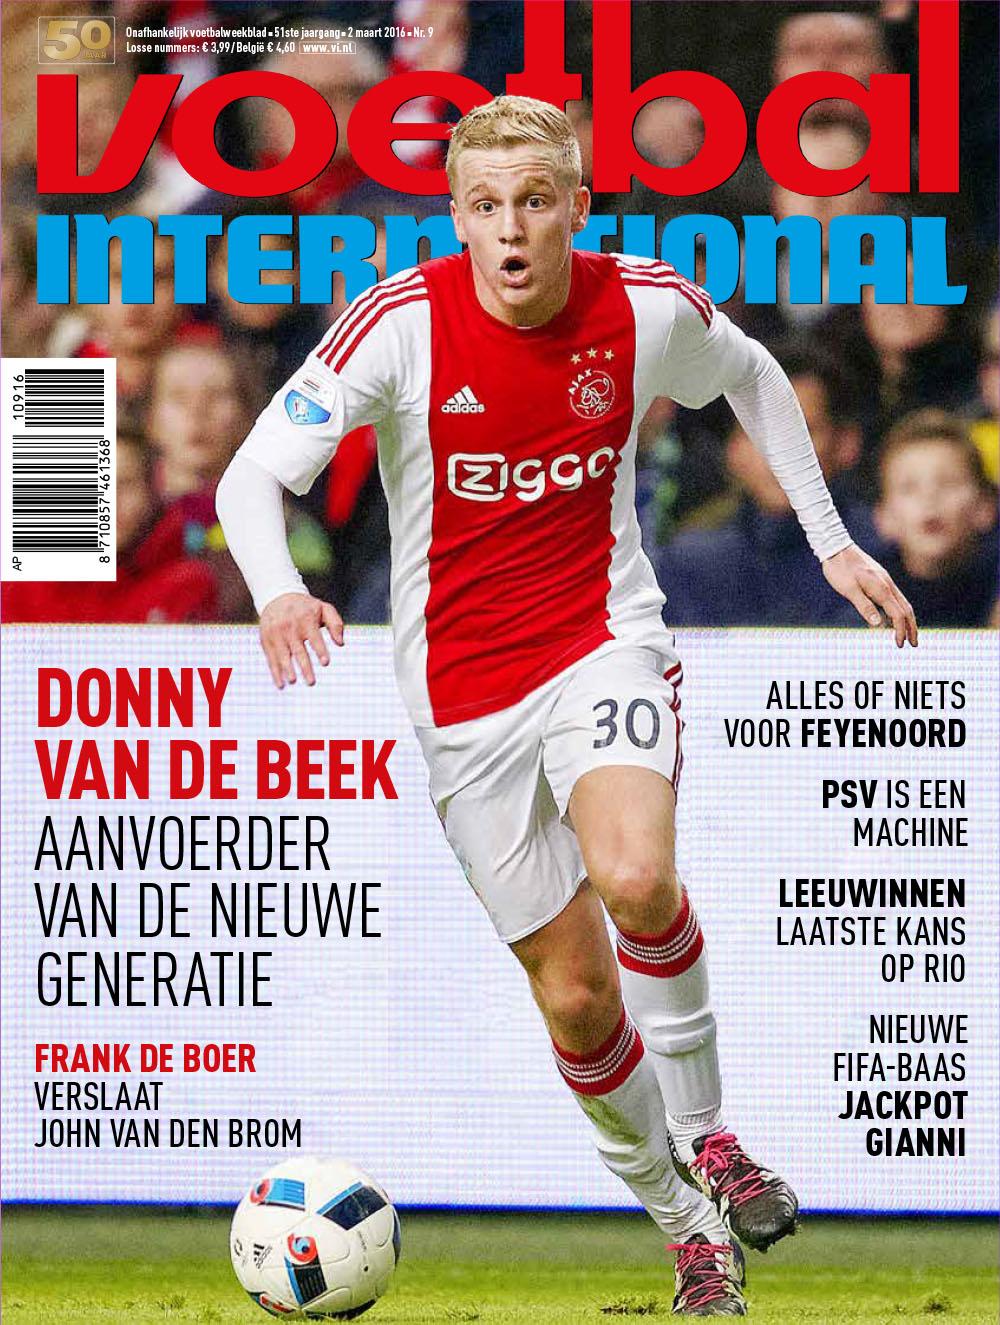 Cover VI 09-2016 Amsterdam